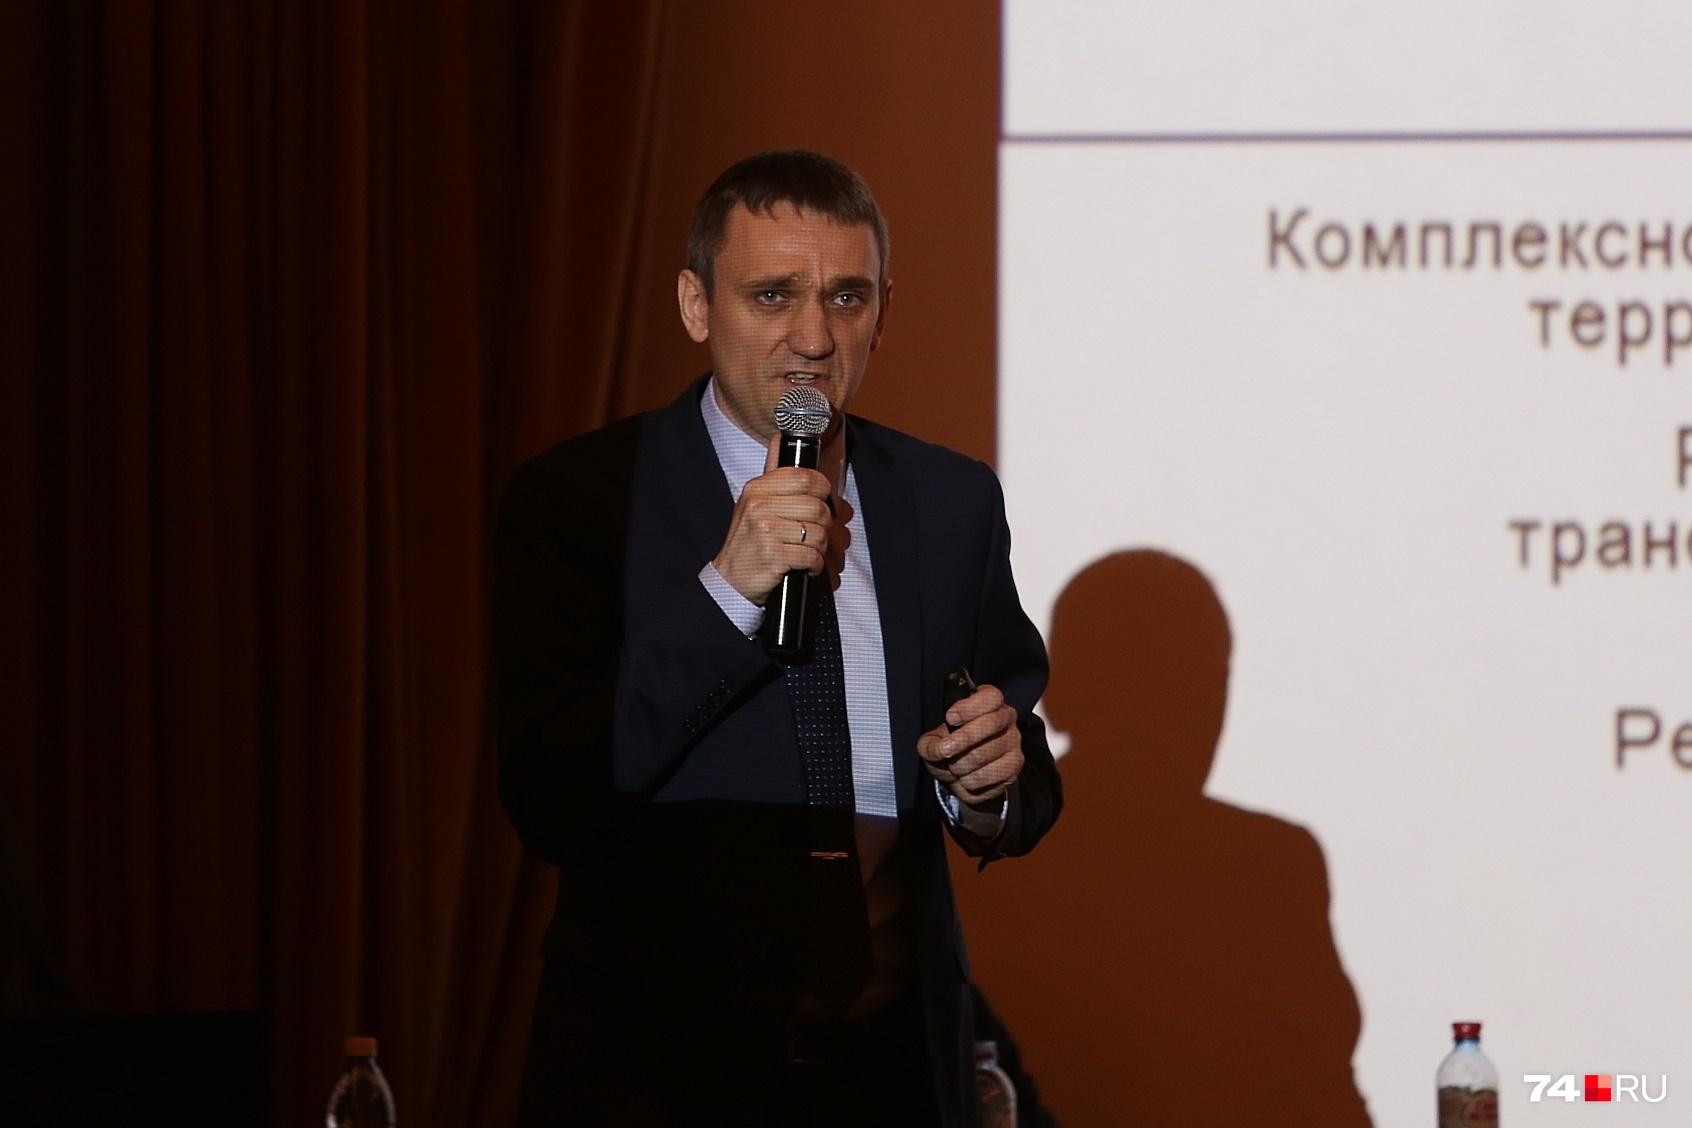 Главный инженер «ГИПРГОРа» Владислав Татарников, кажется, оказался не услышанным